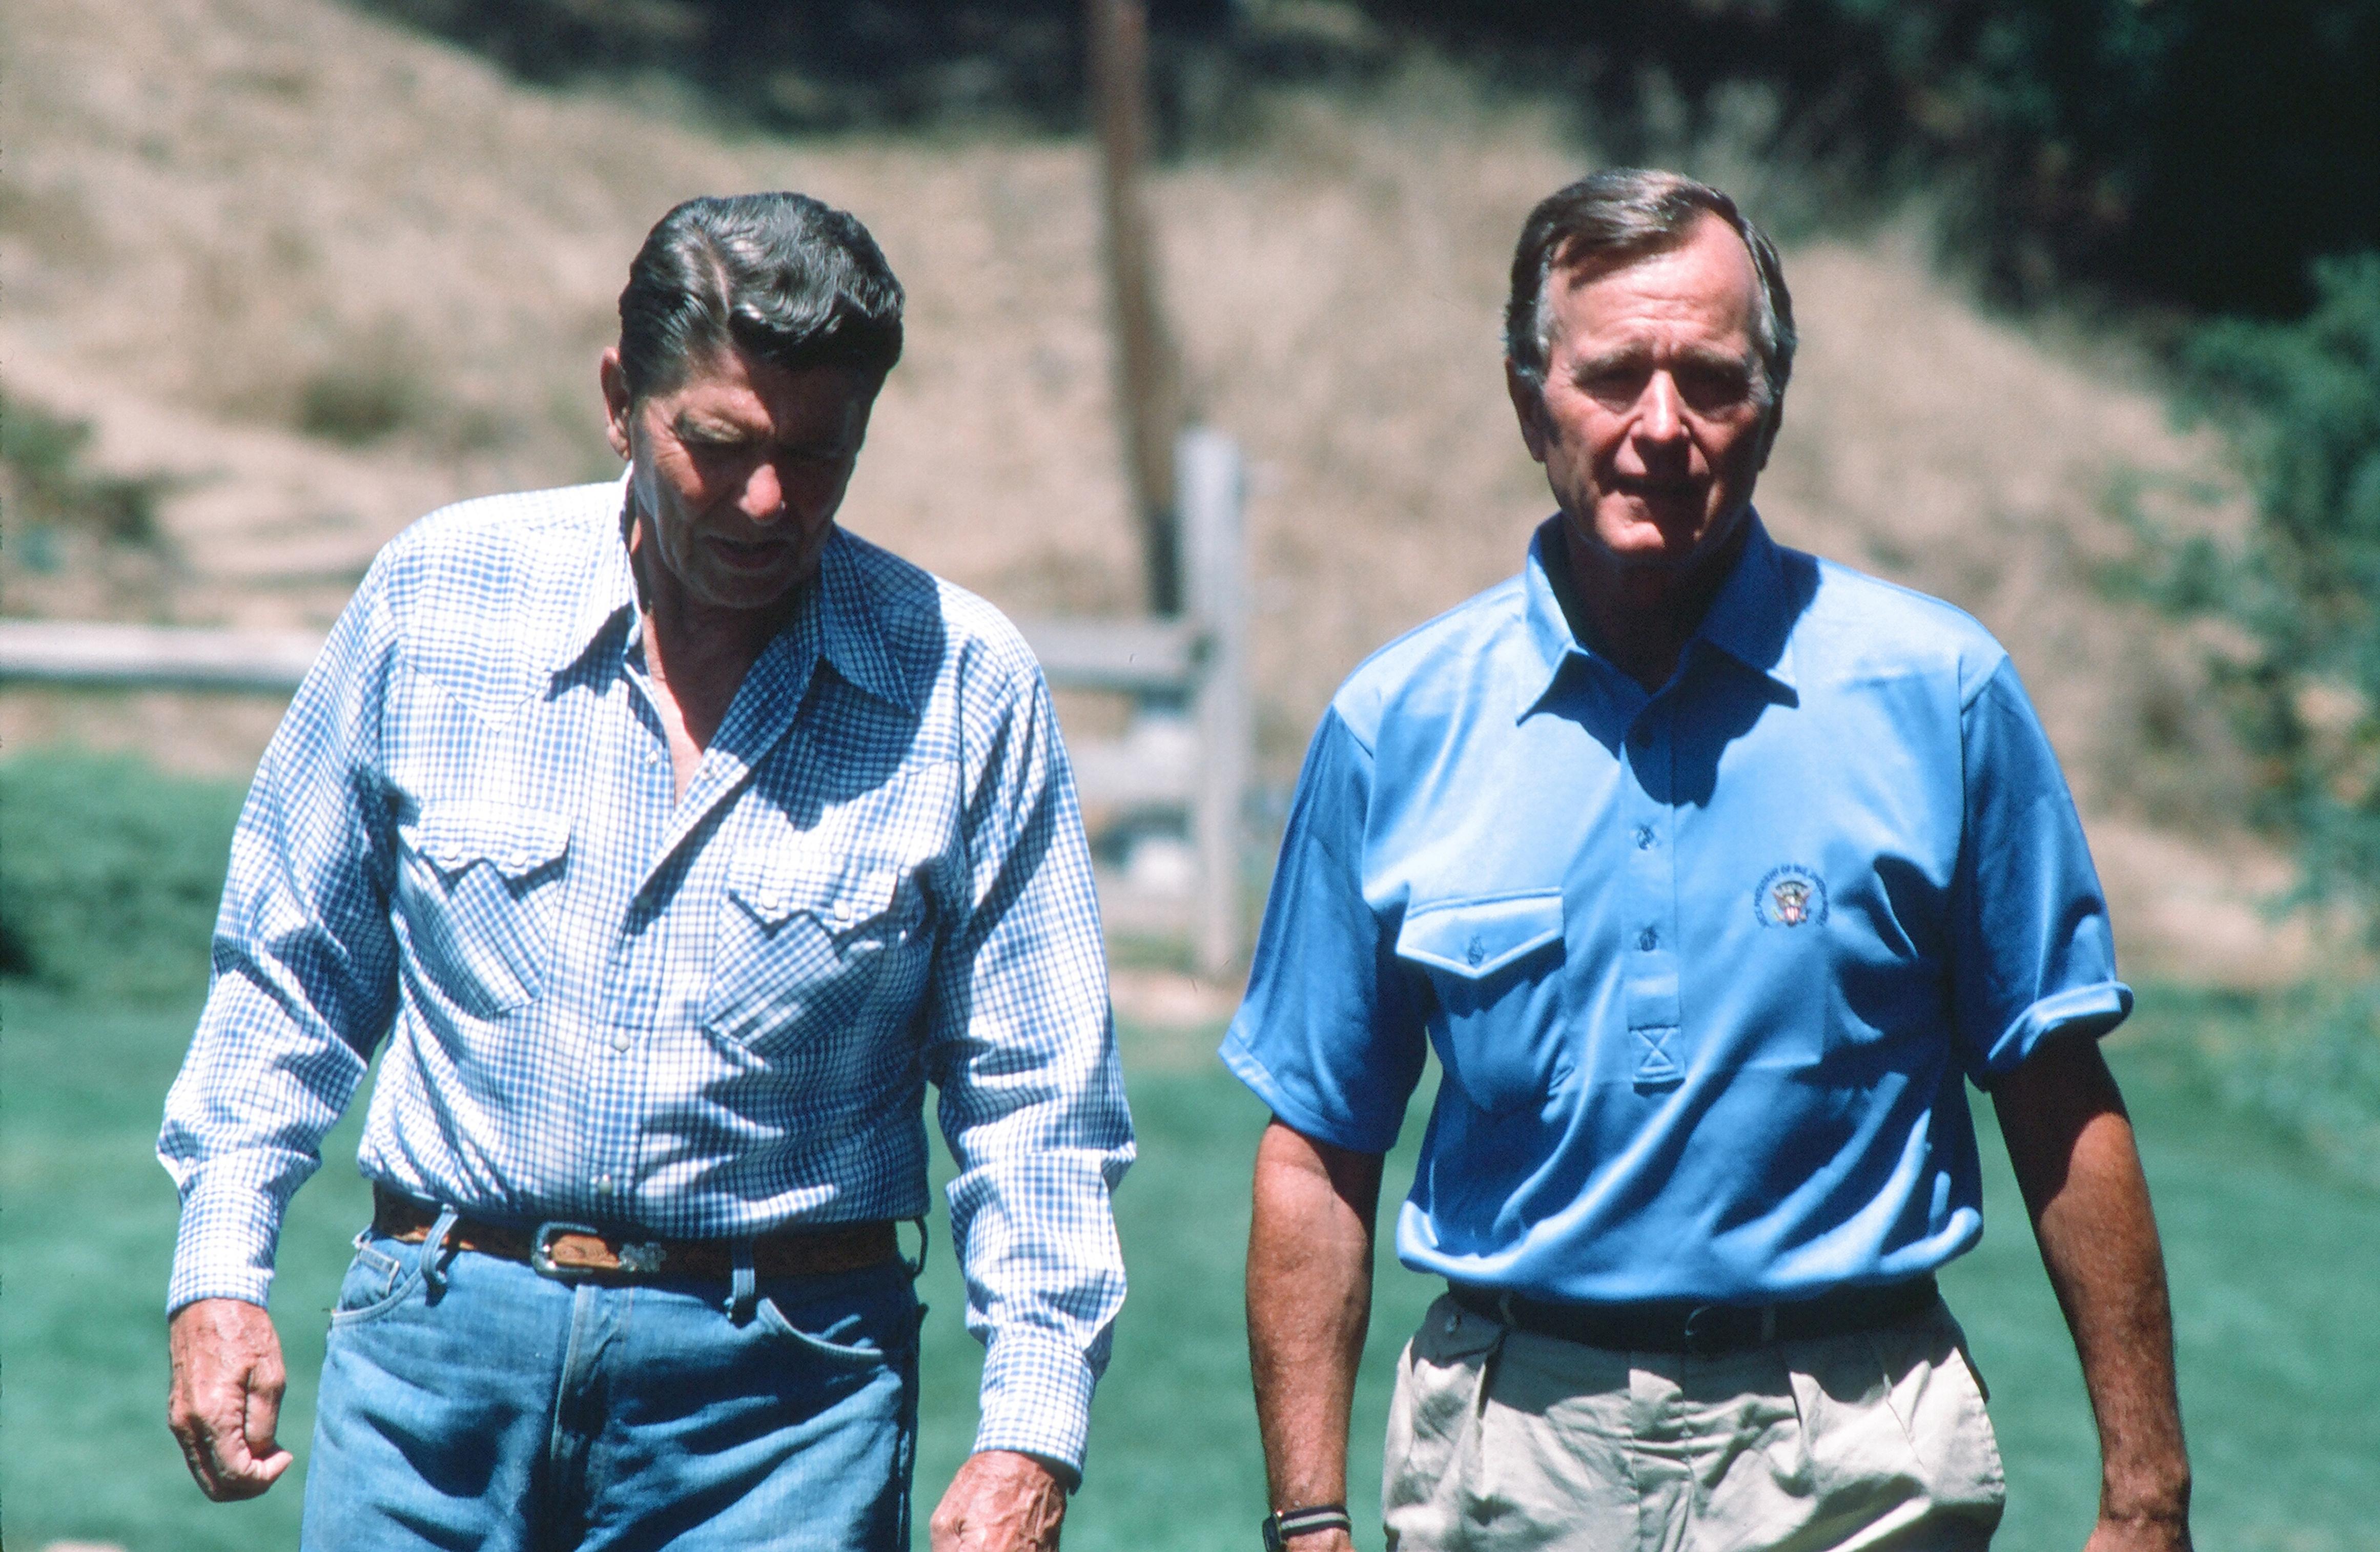 Death Of A Statesman George H W Bush S Legacy Vox